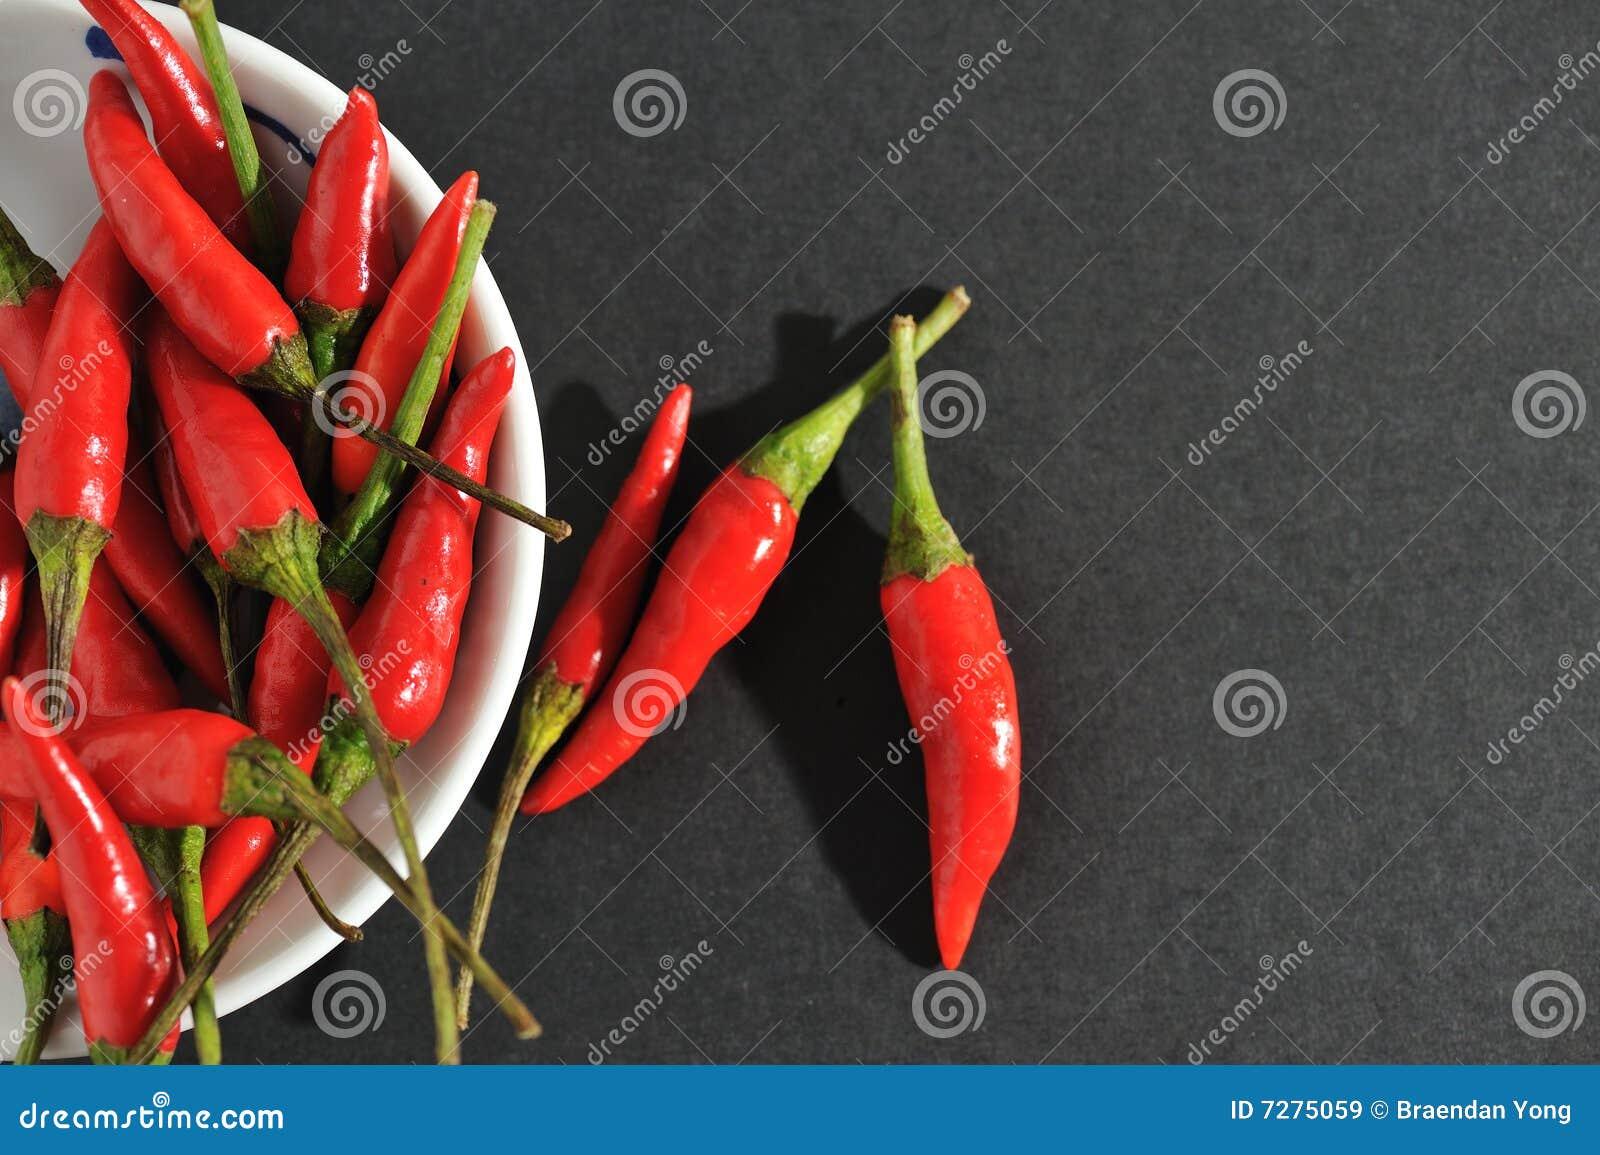 4 calientes y picantes